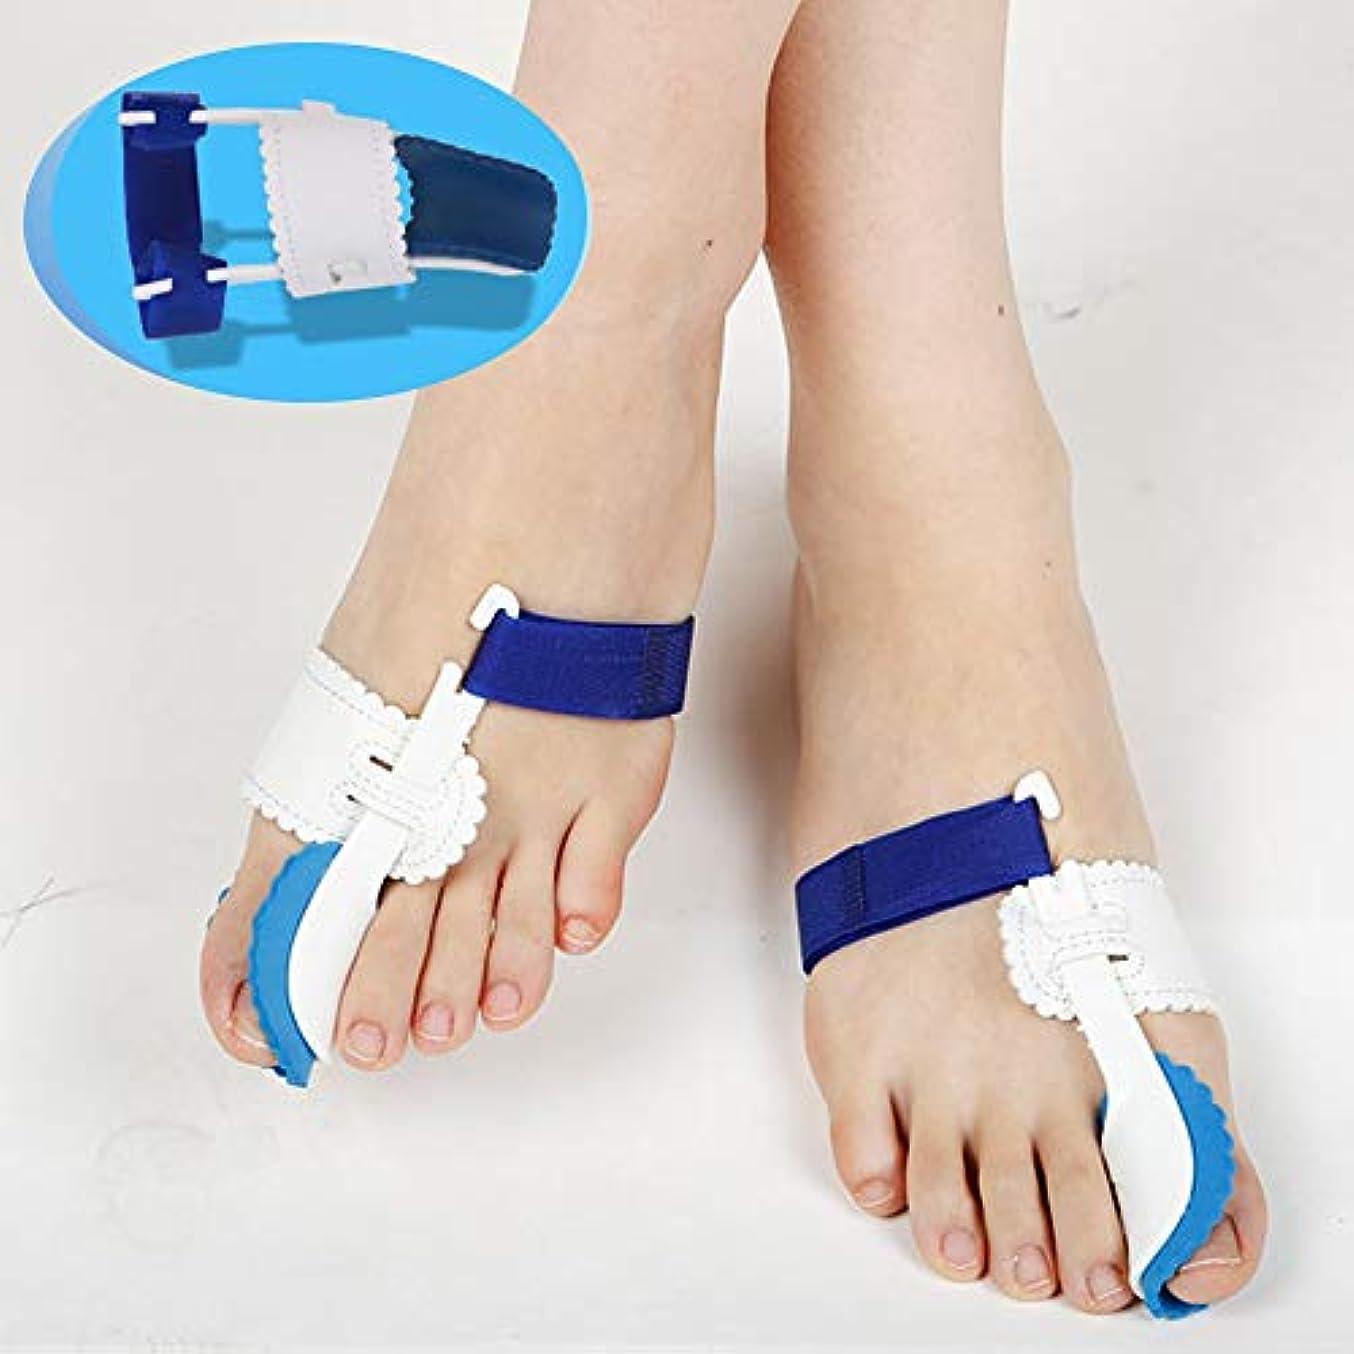 足指セパレーター外反母趾装具ビッグボーン外反母趾矯正ベルト自然にあなたのつま先を修正